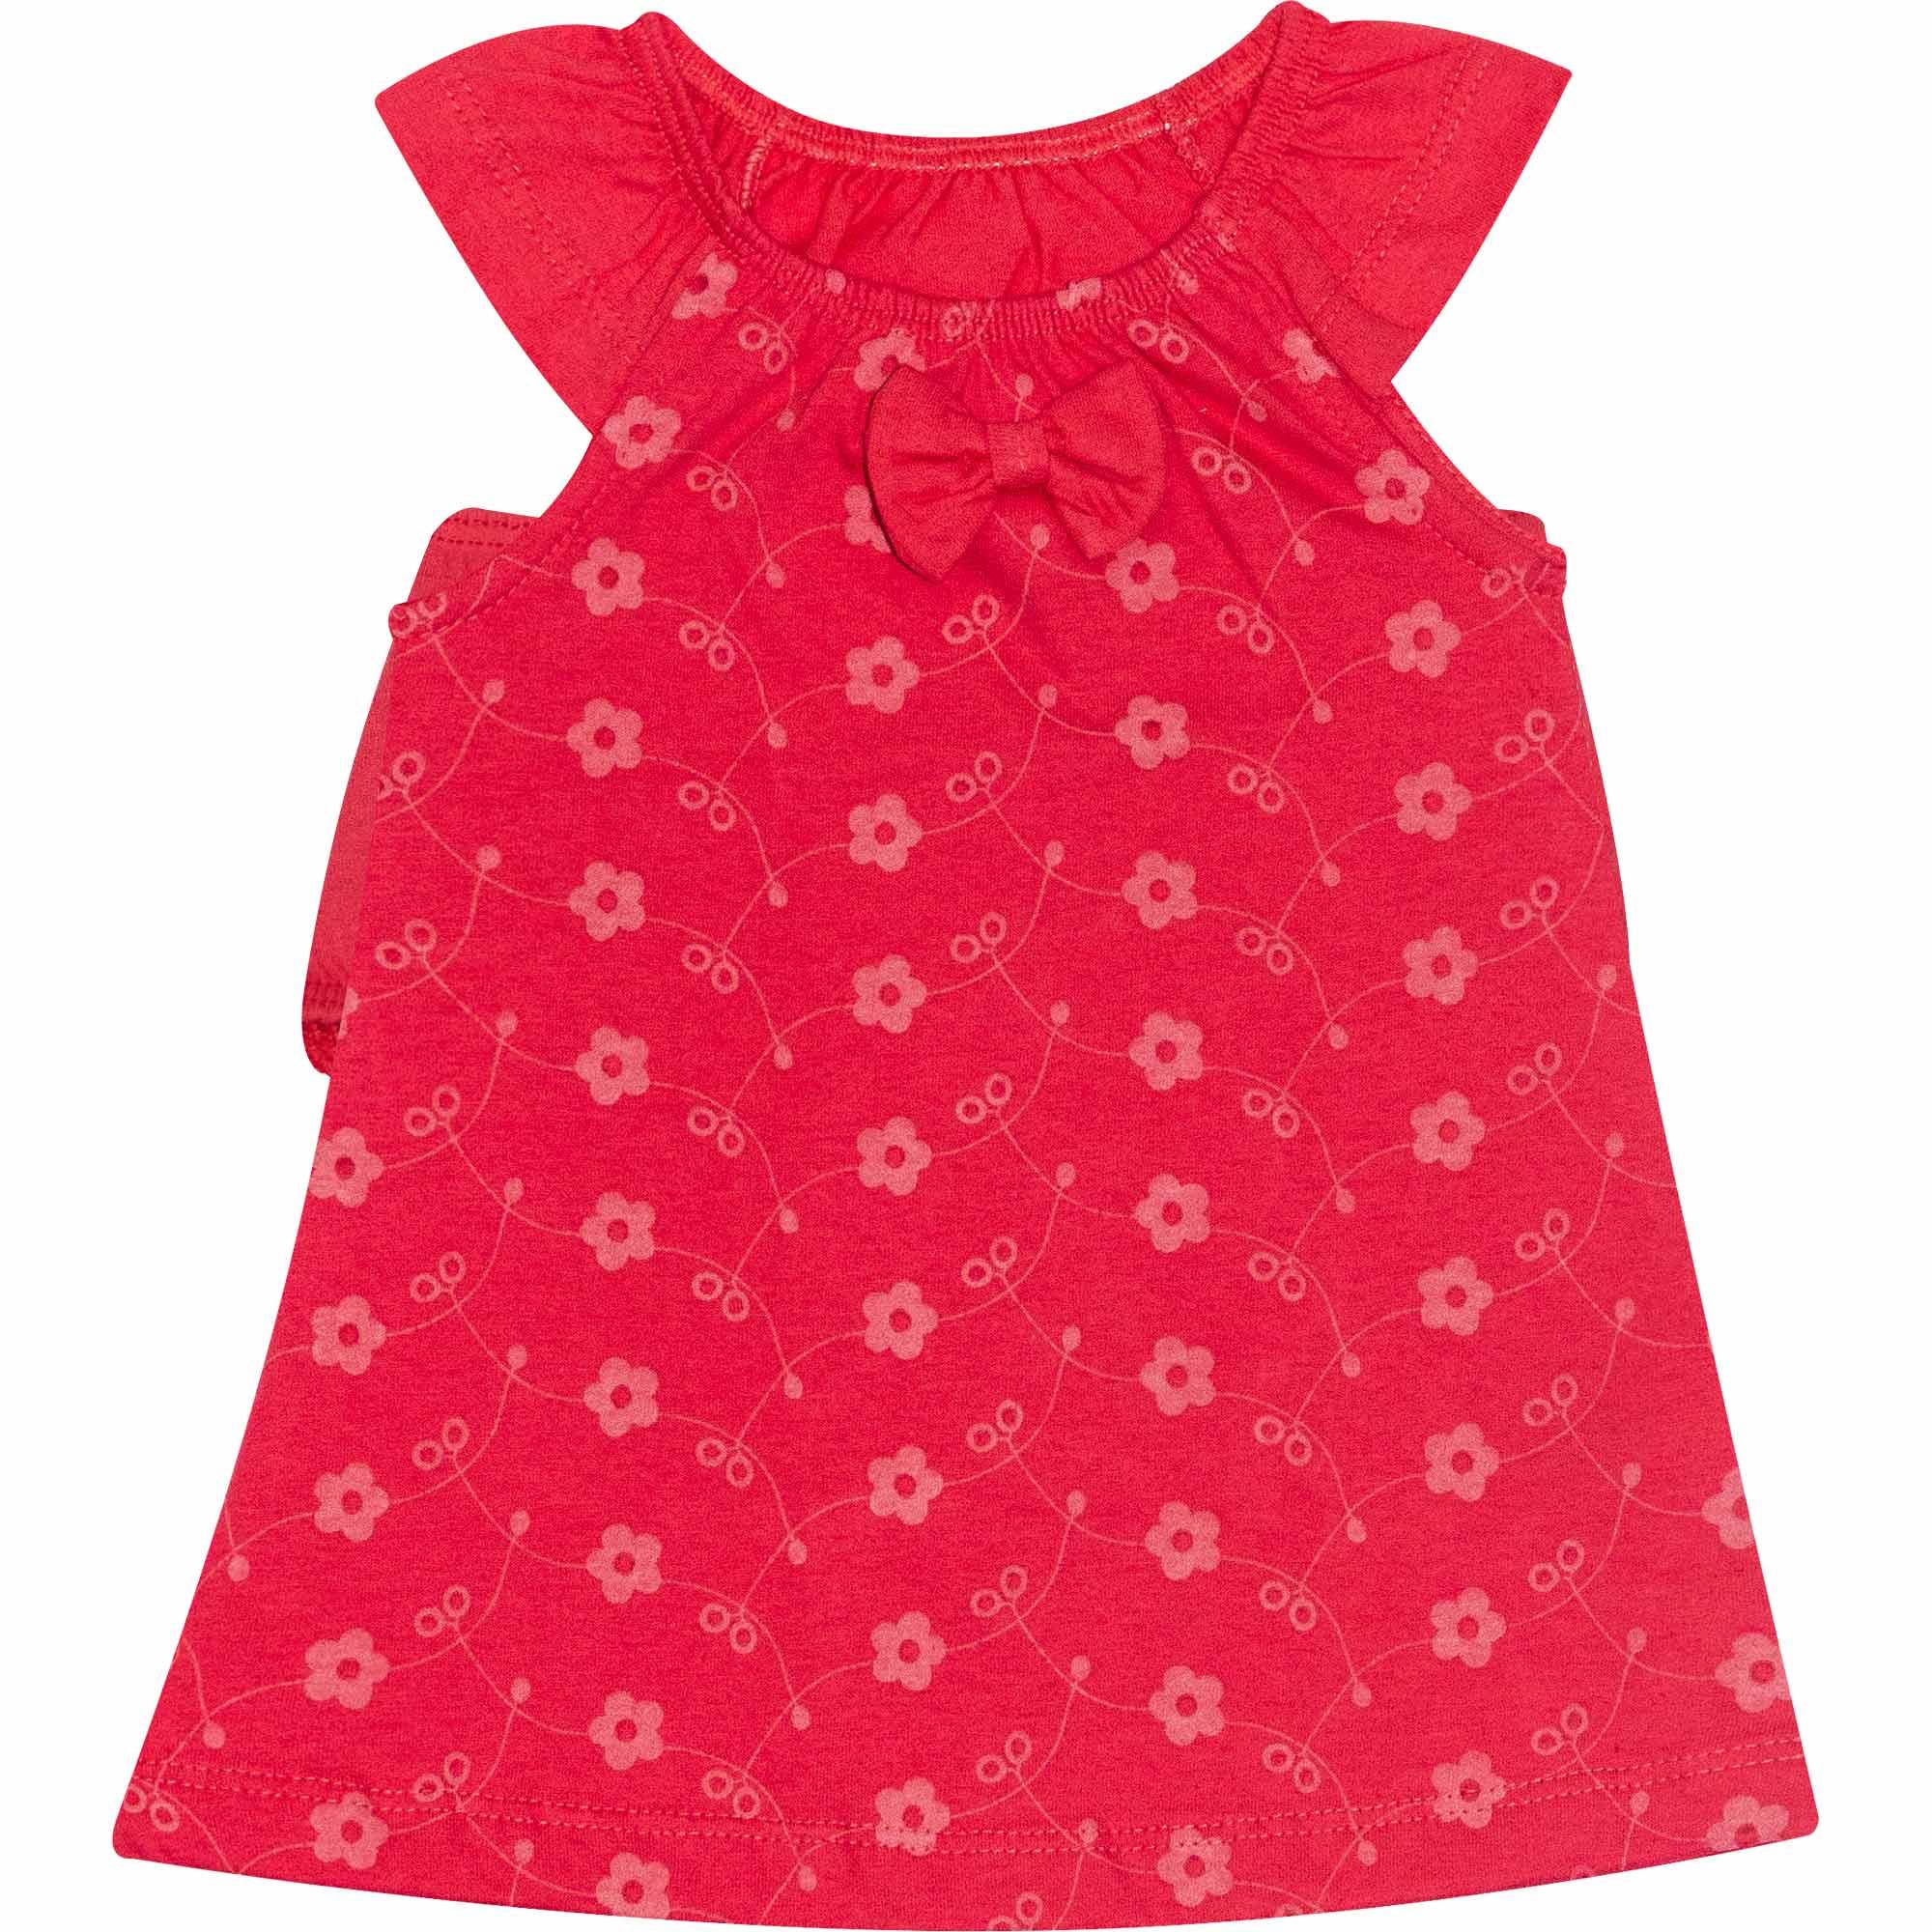 Conjunto Vestido Infantil Feminino  - Ref 4689 - Rosa- Andritex